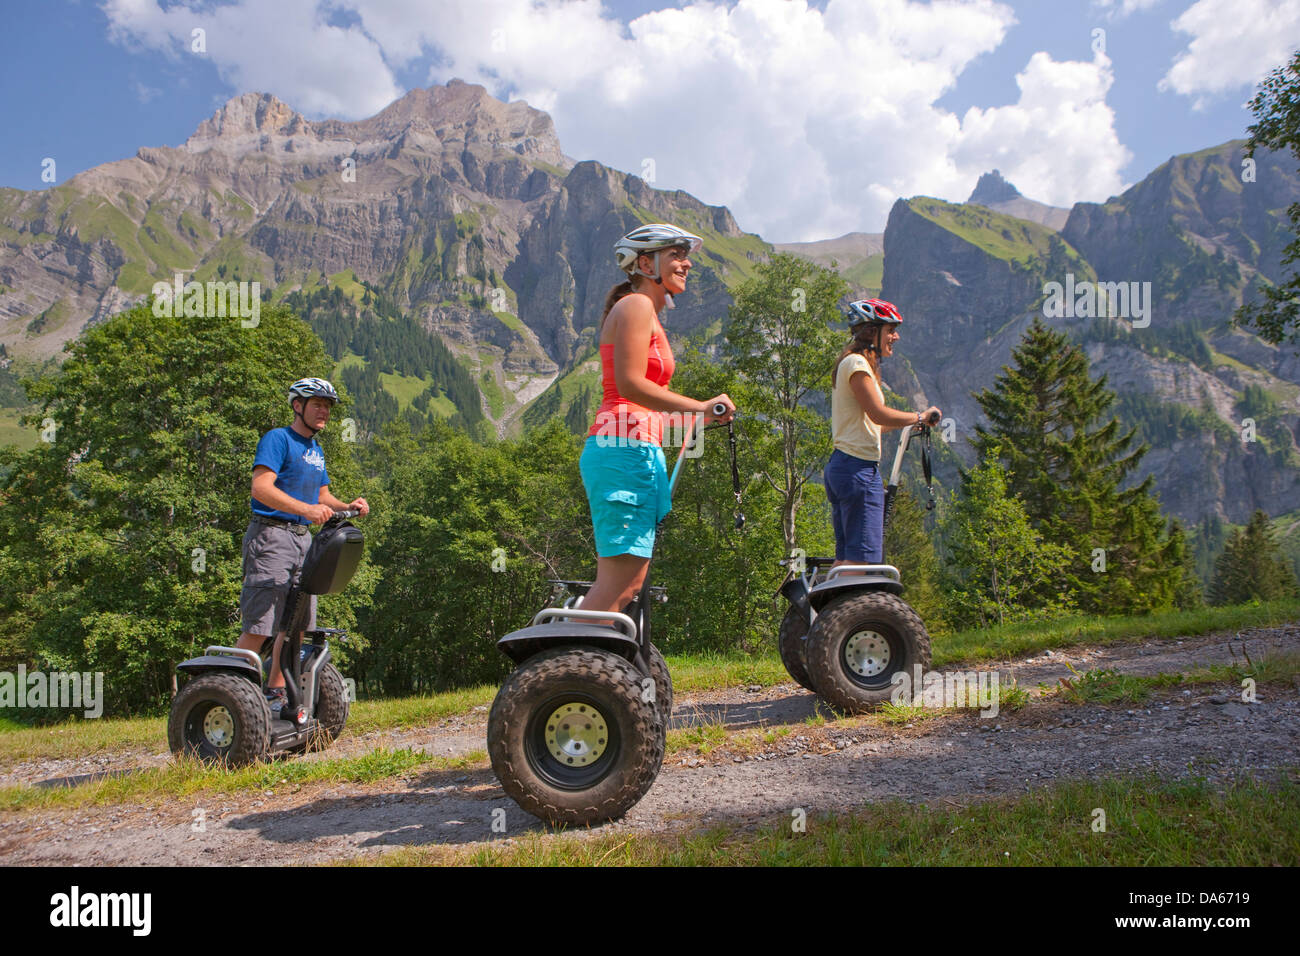 Segway, deux-roues, véhicule, transporteur personnel, dur, Adelboden, sentier, randonnée pédestre, Photo Stock